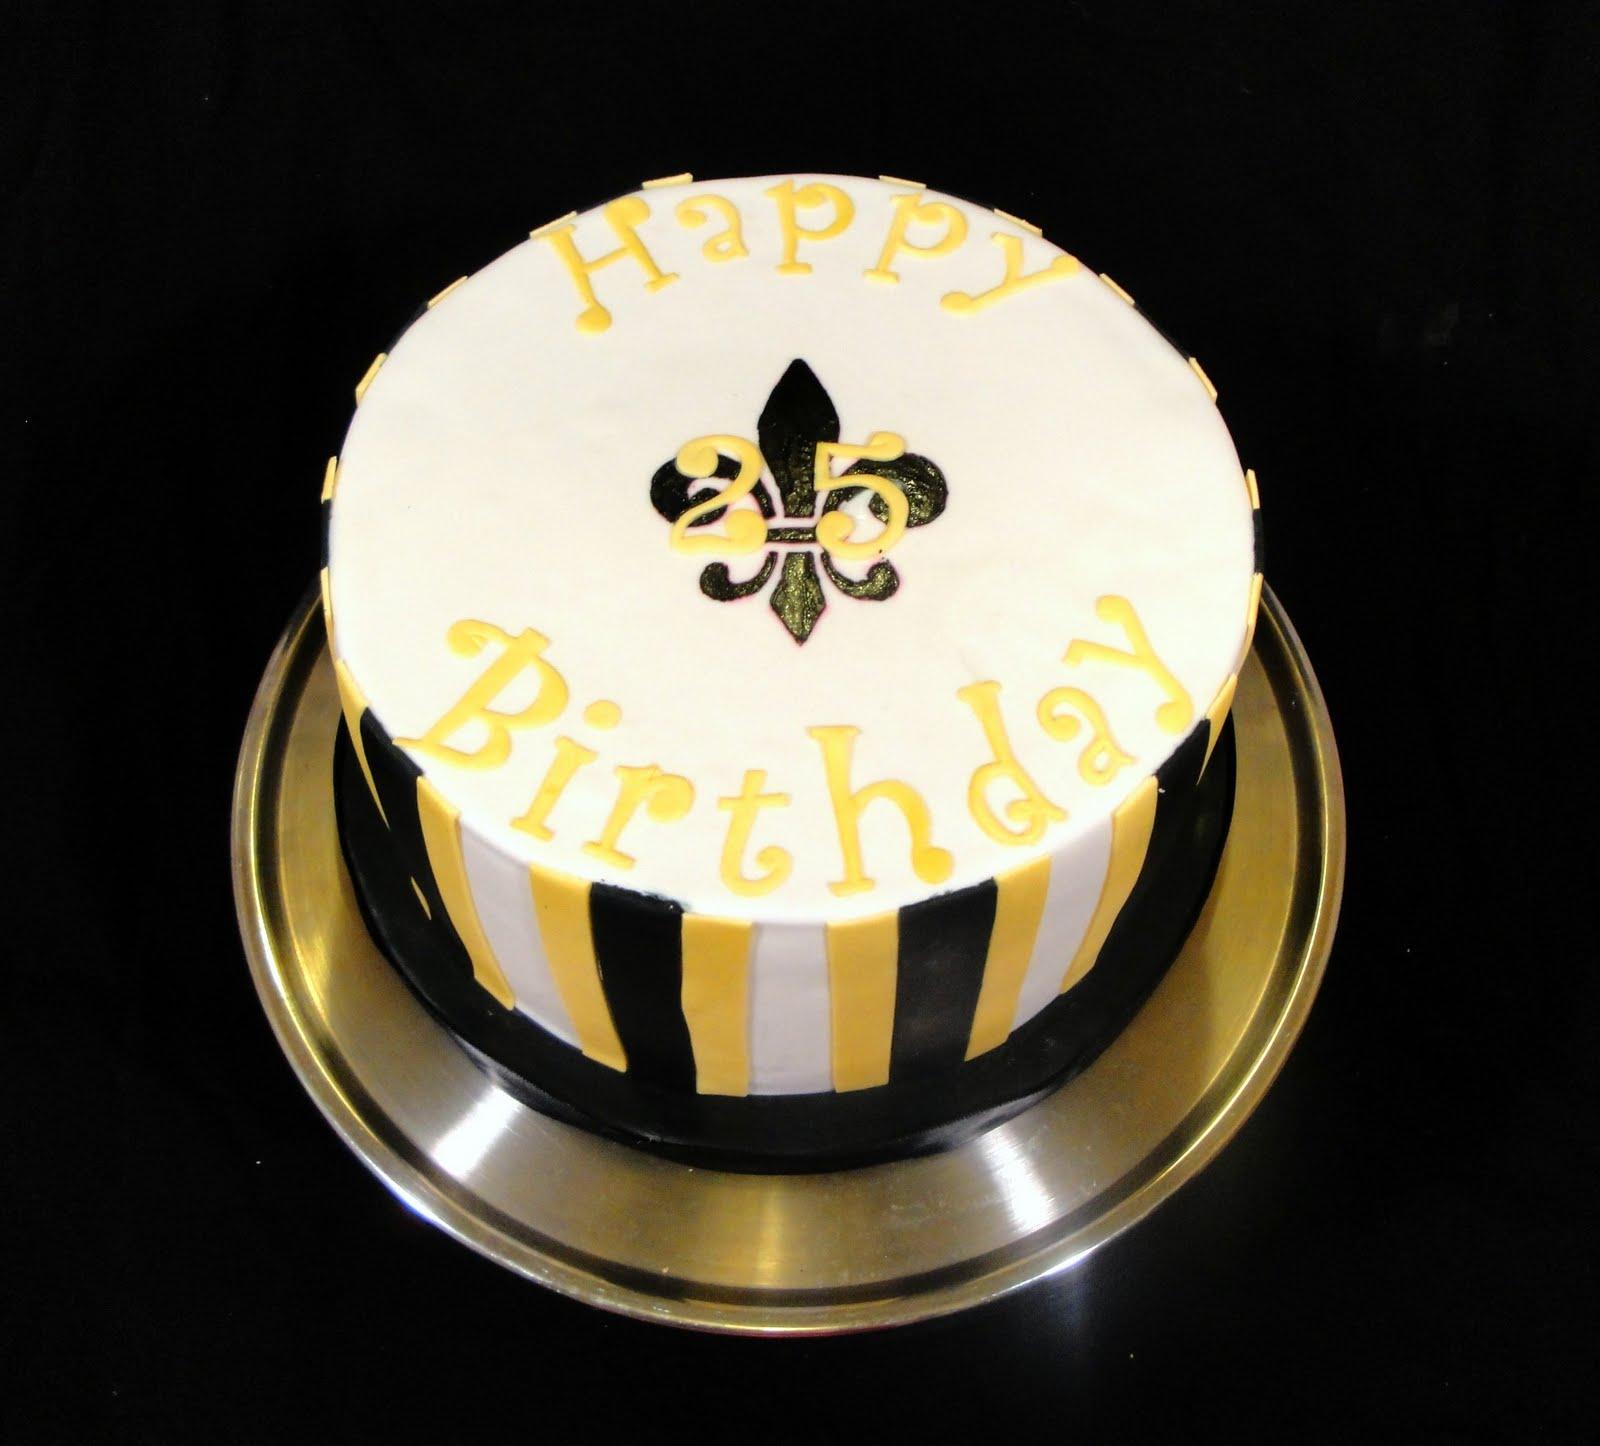 Confections Saints Birthday Cake